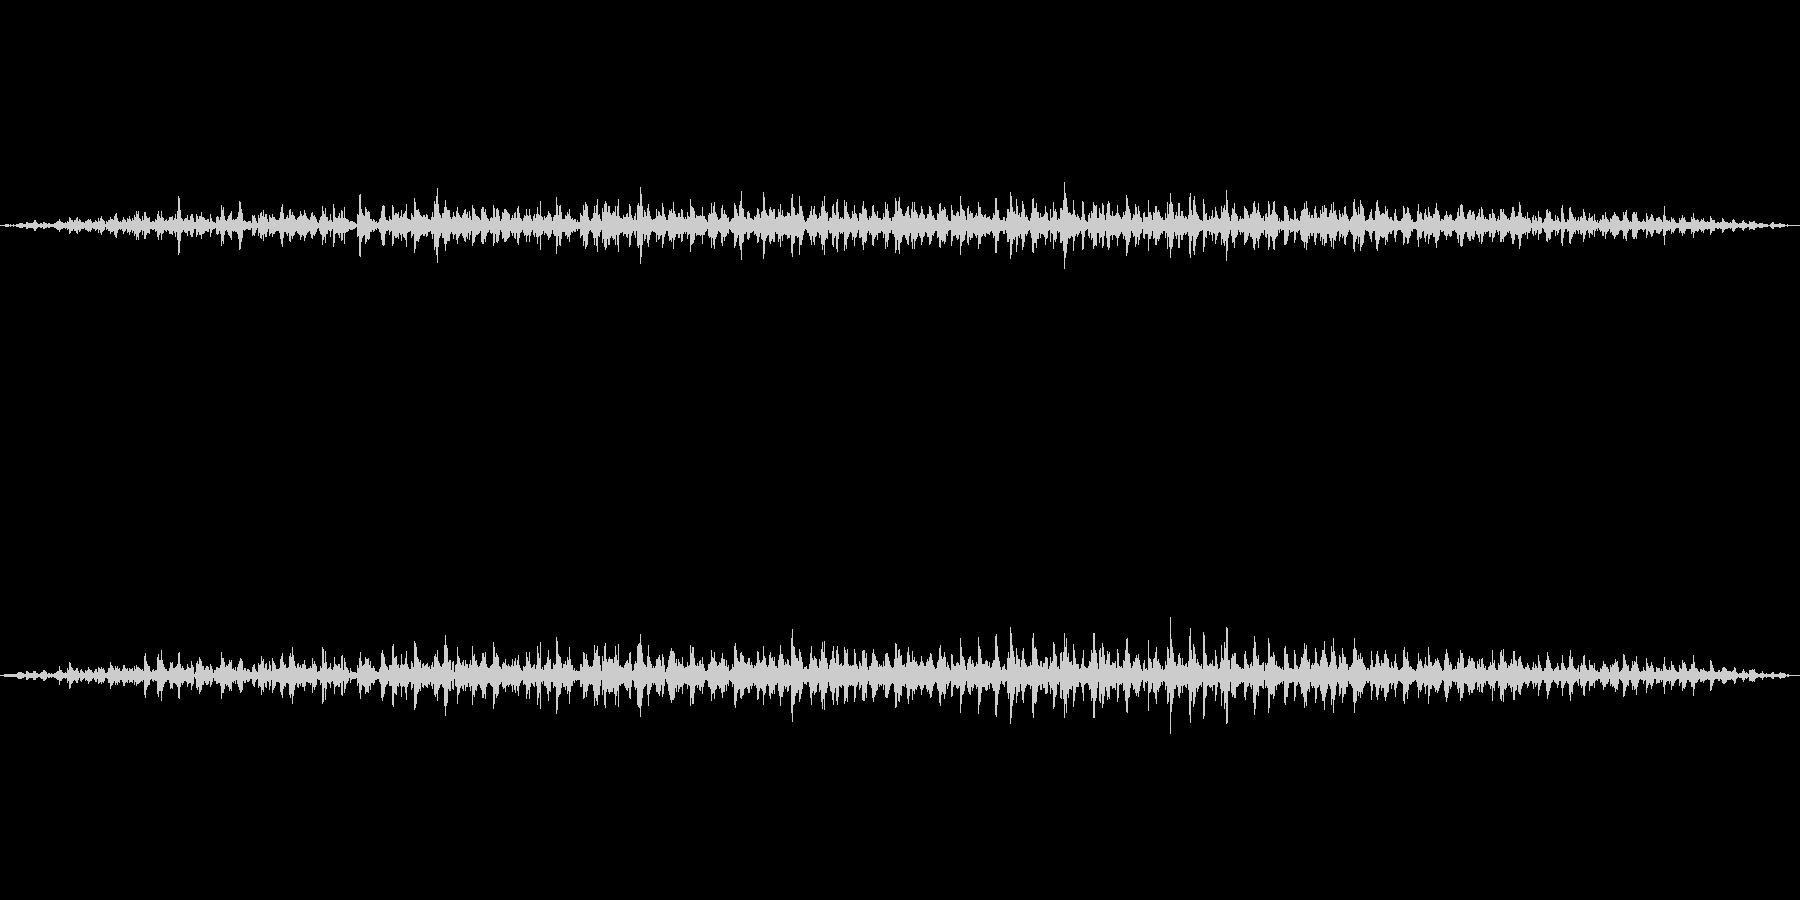 実験室 薬品製作 ブクブク ボコボコの未再生の波形